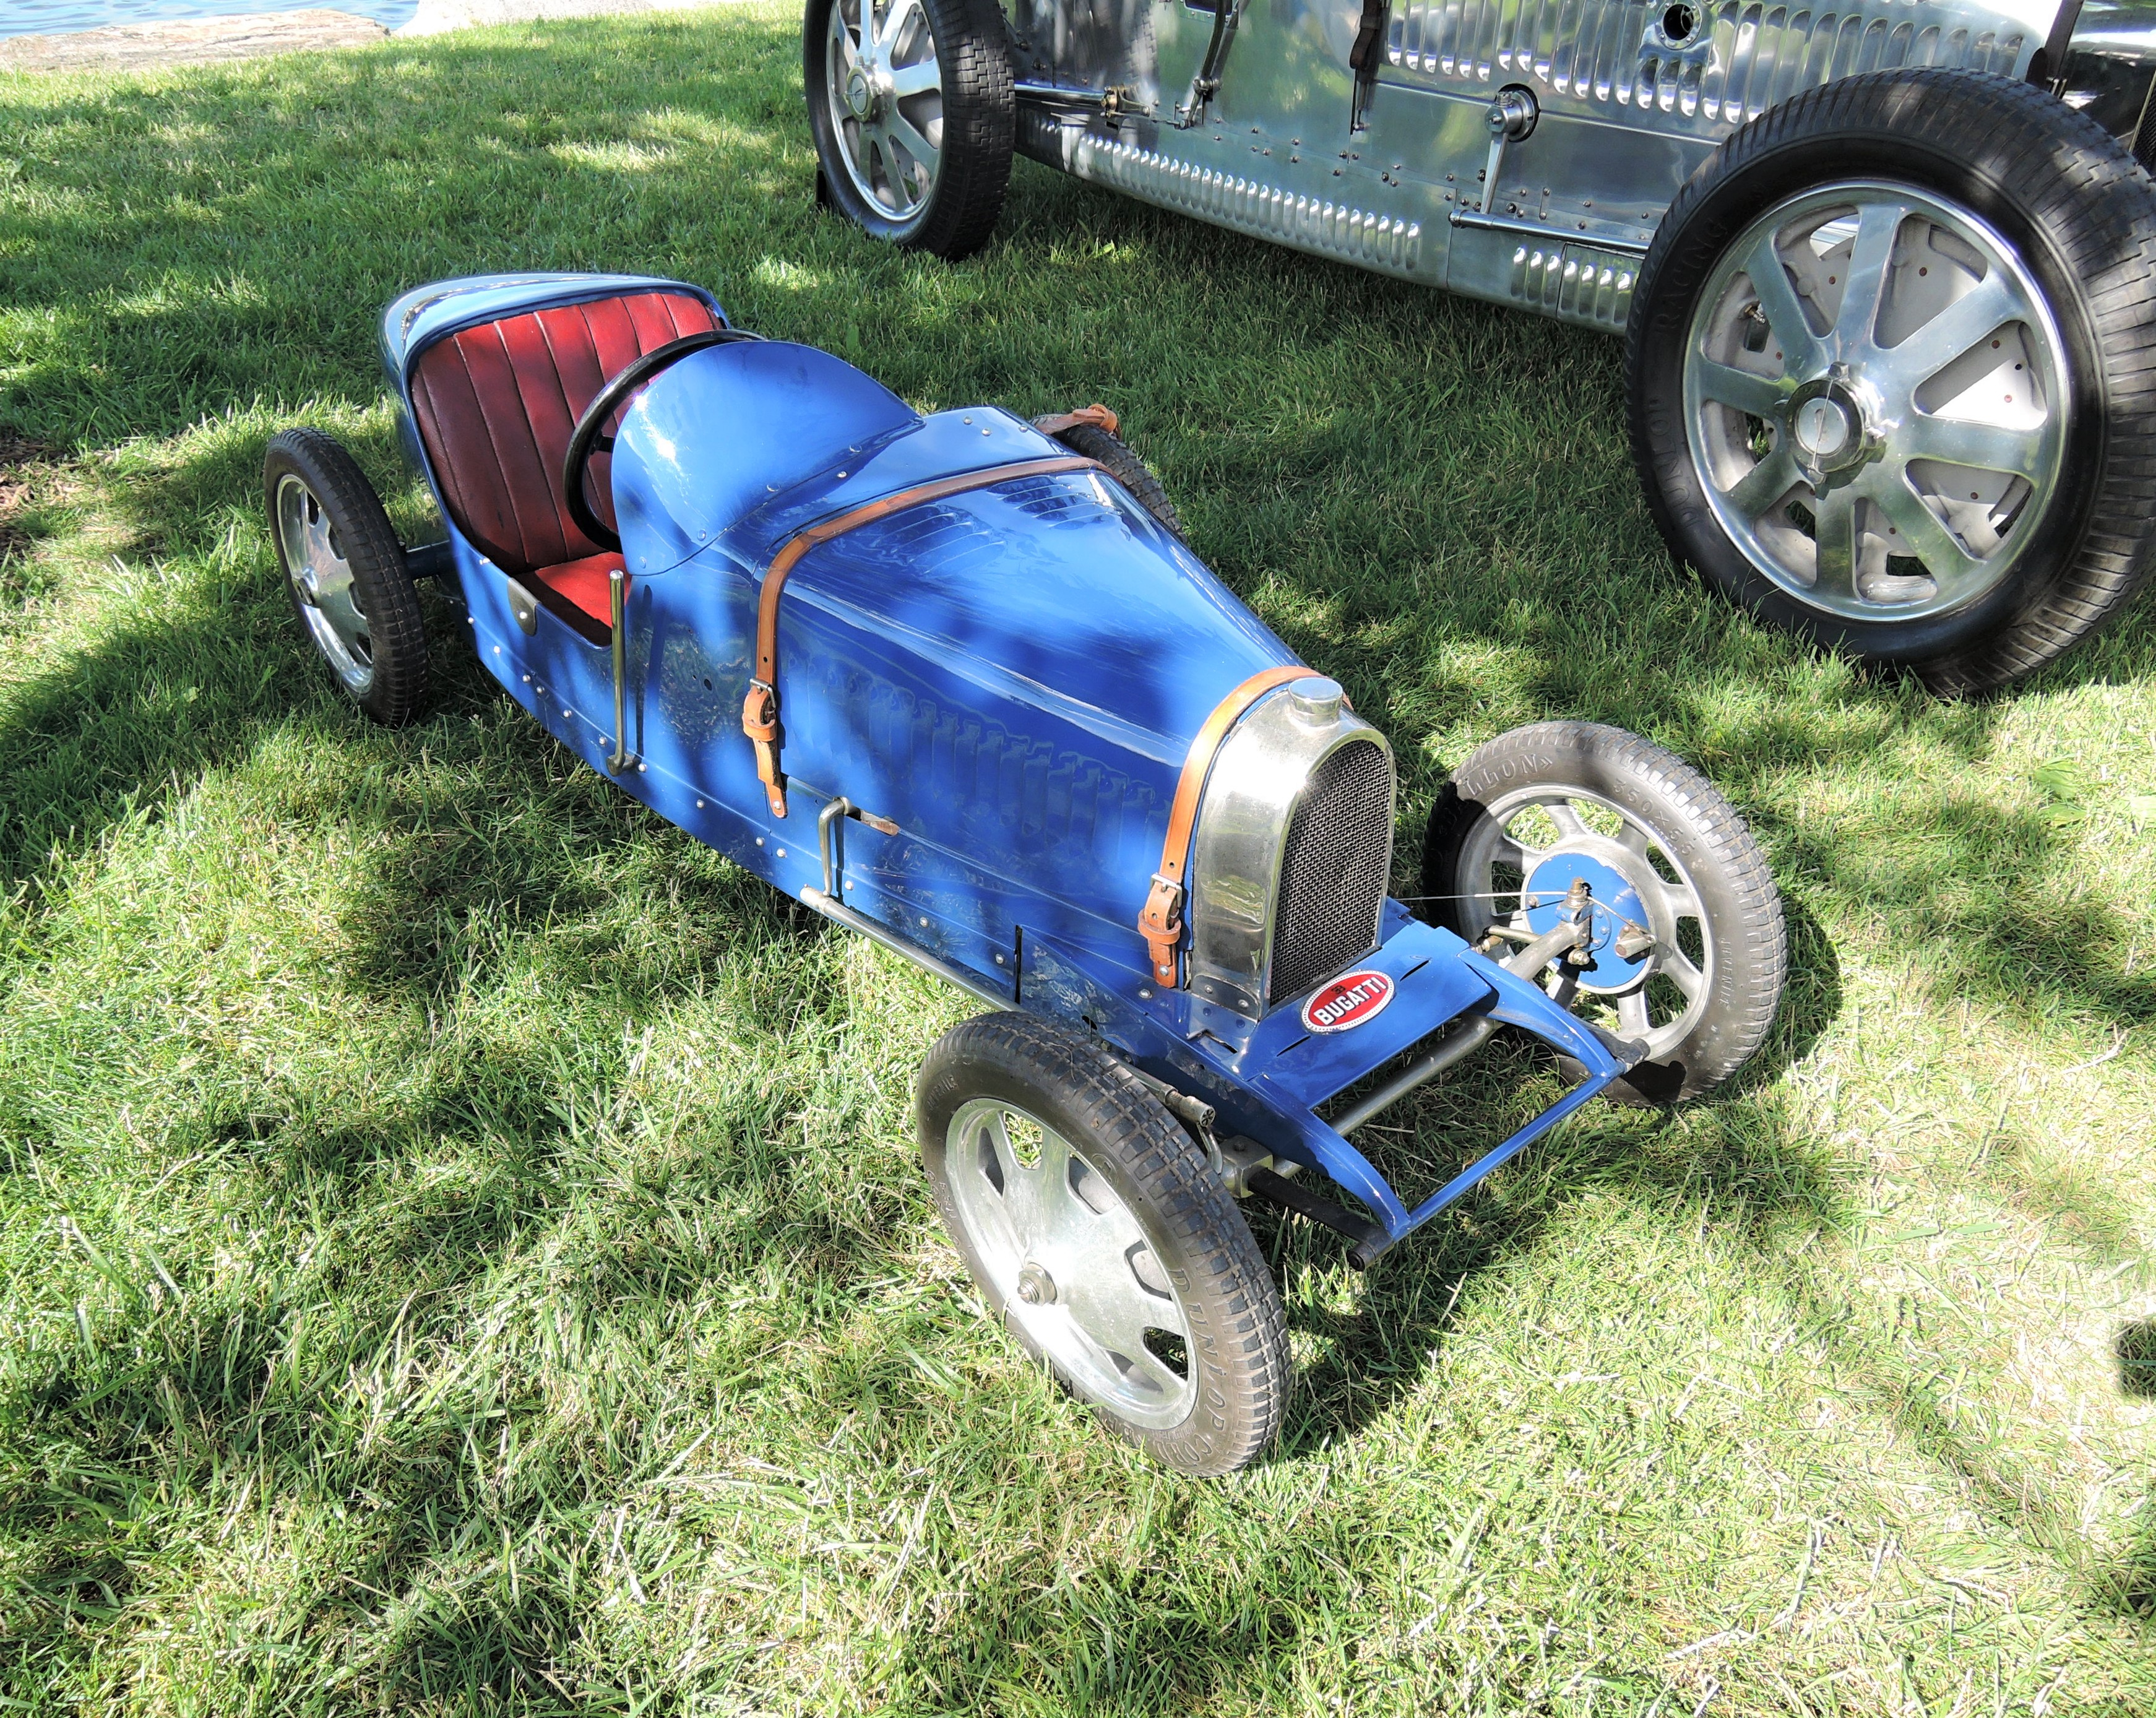 blue Bugatti child's car - Greenwich Concours d'Elegance 2017